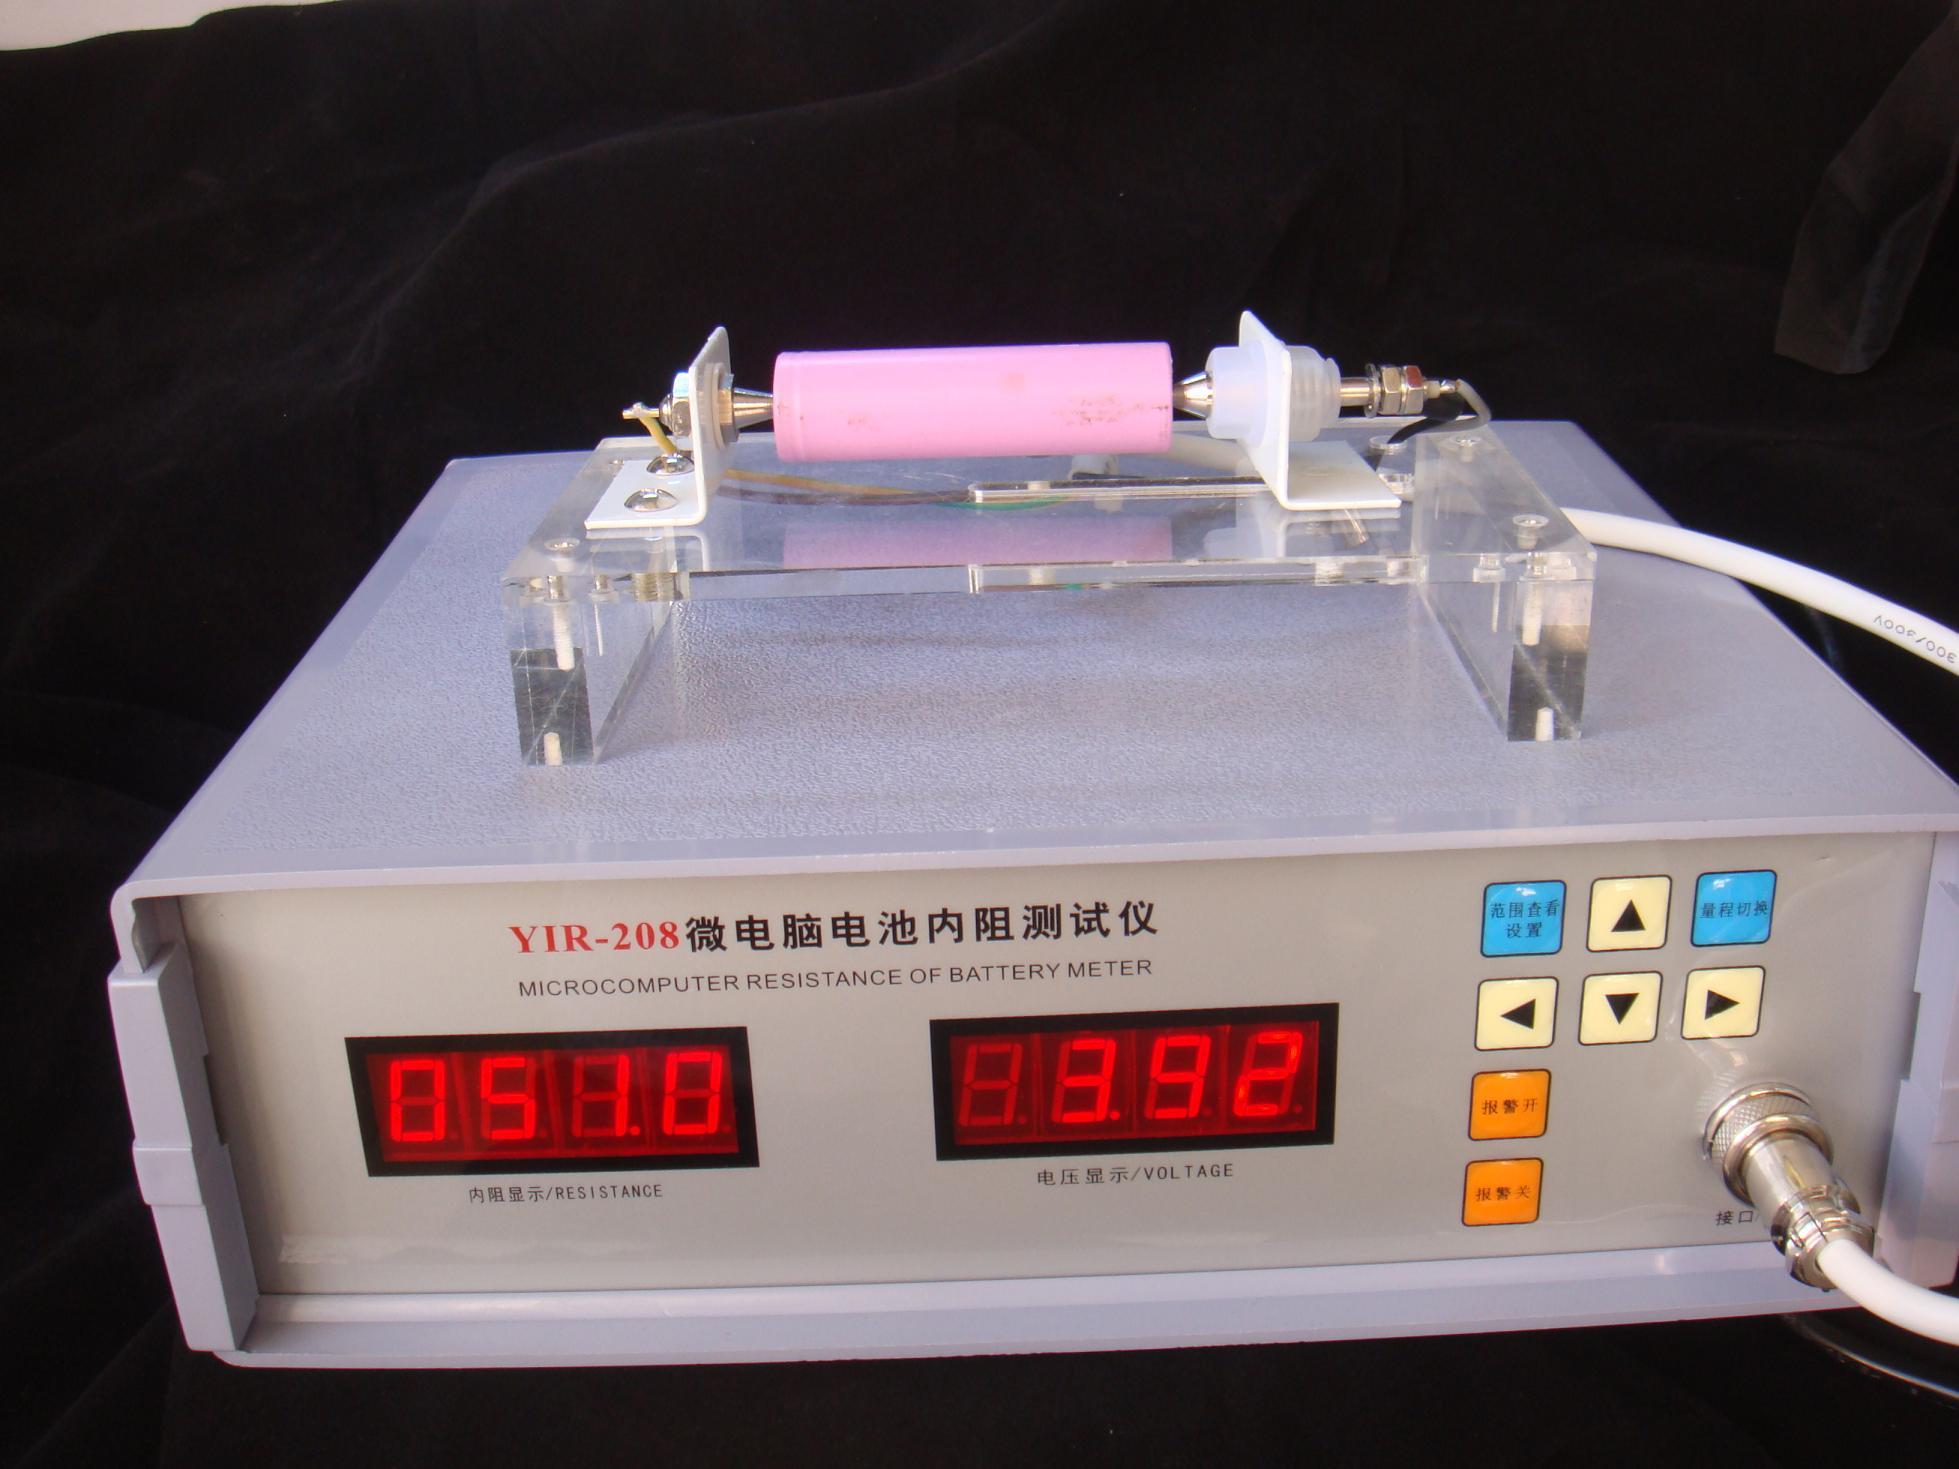 YIR-208微电脑电池内阻测试